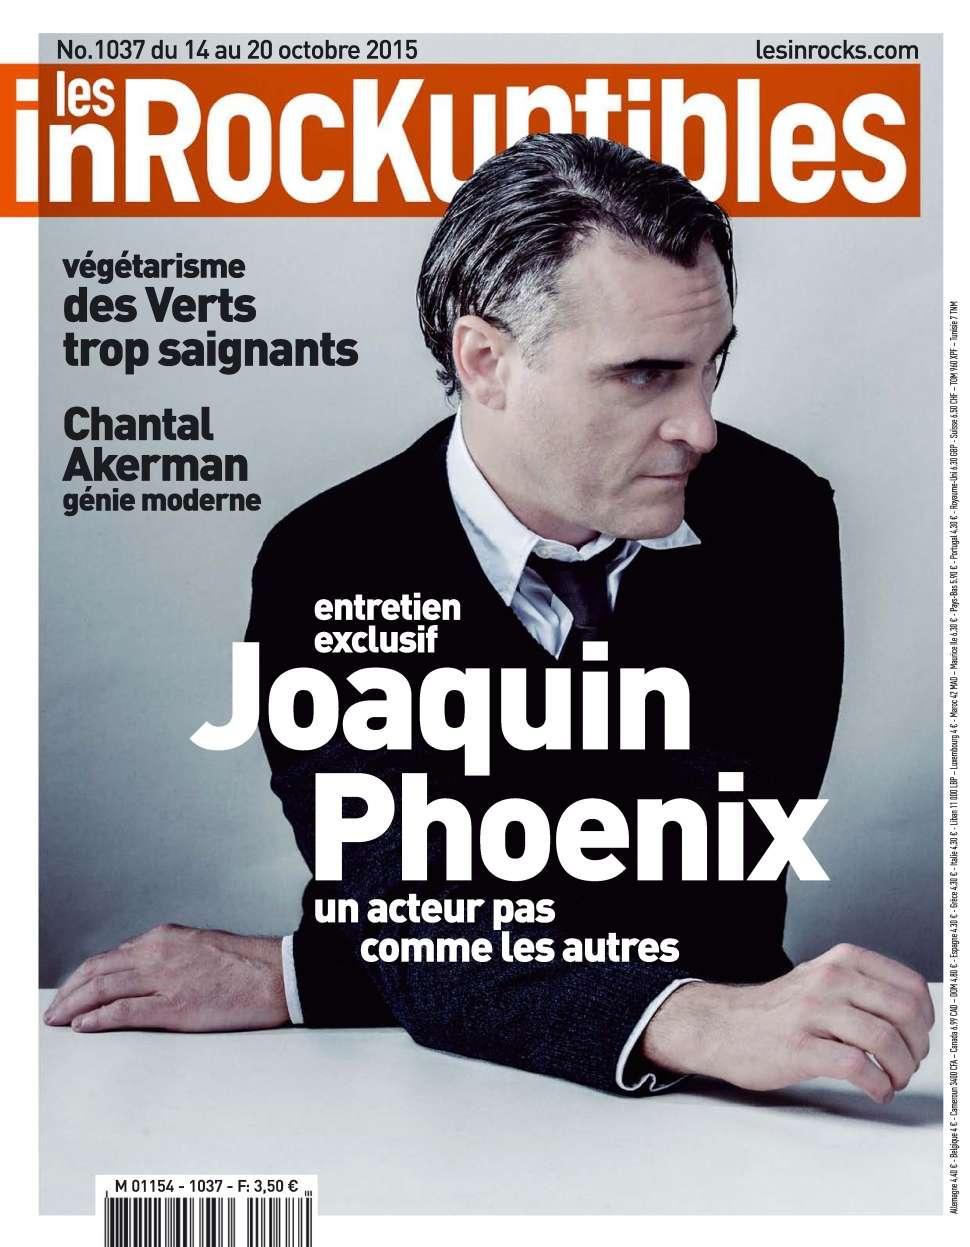 Les Inrockuptibles 1037 - 14 au 20 Octobre 2015